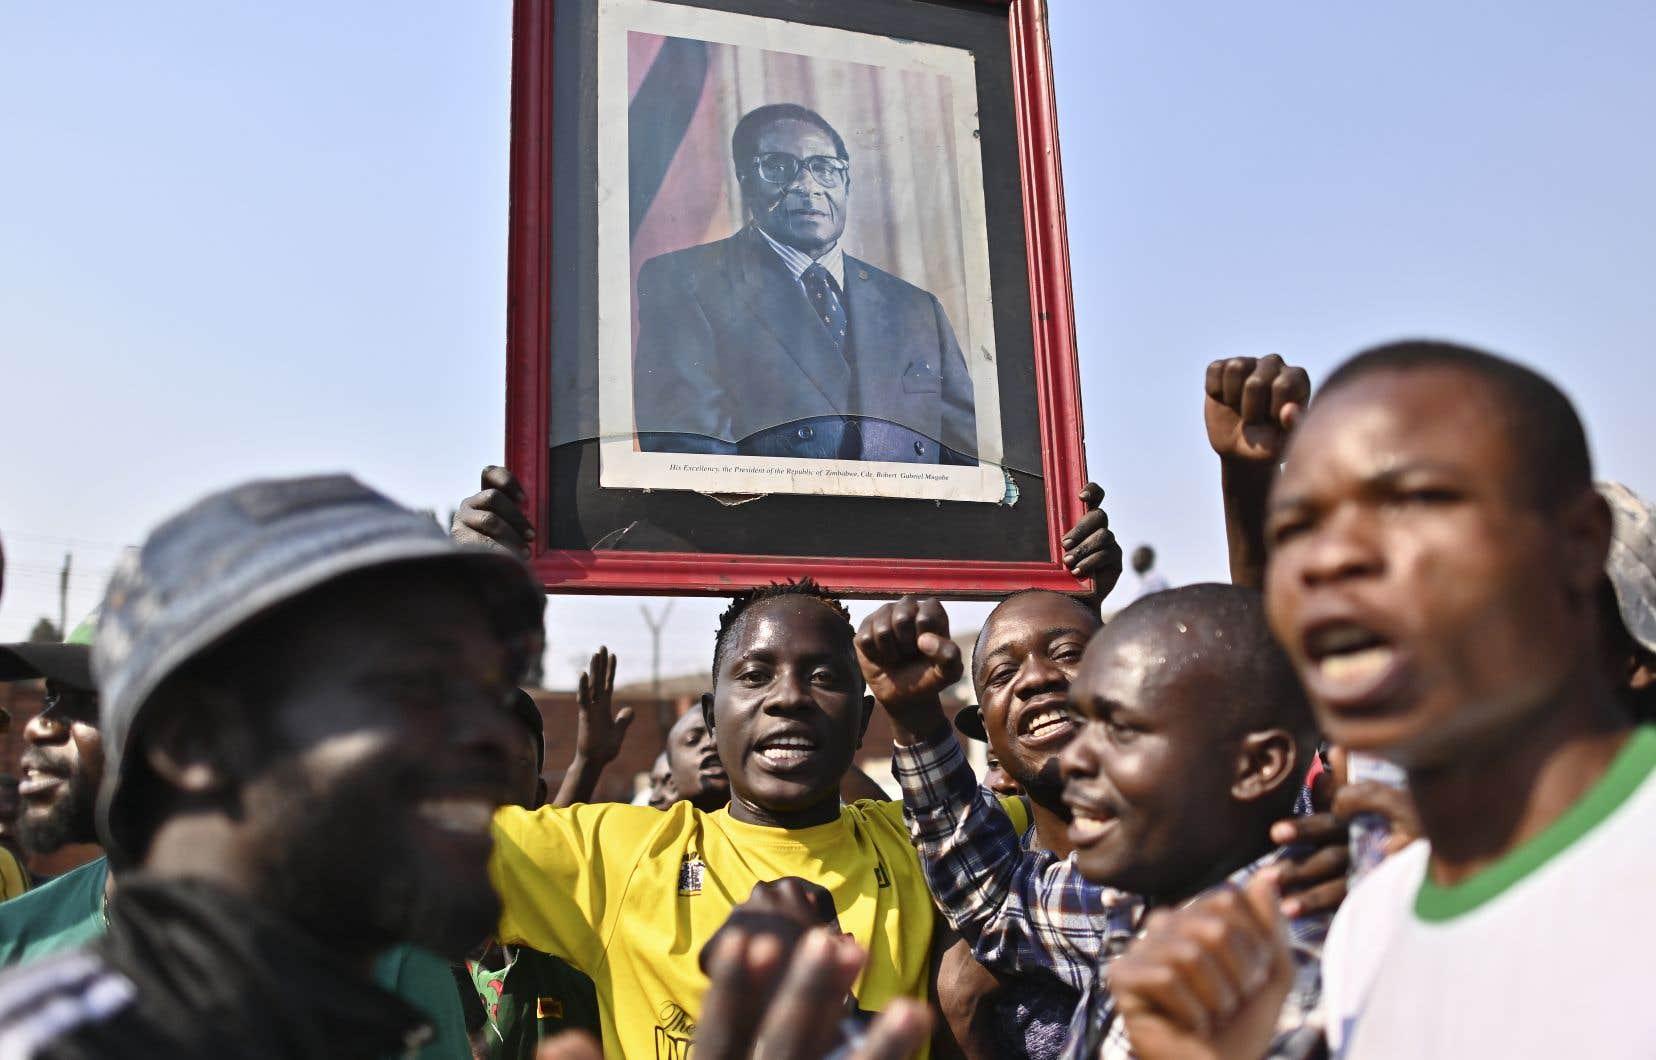 Le rapatriement de sa dépouille a donné le coup d'envoi jeudi à une série d'hommages officiels, qui doivent culminer samedi lors de funérailles dans l'immense stade national des sports de la capitale, devant le gratin des chefs d'État africains.